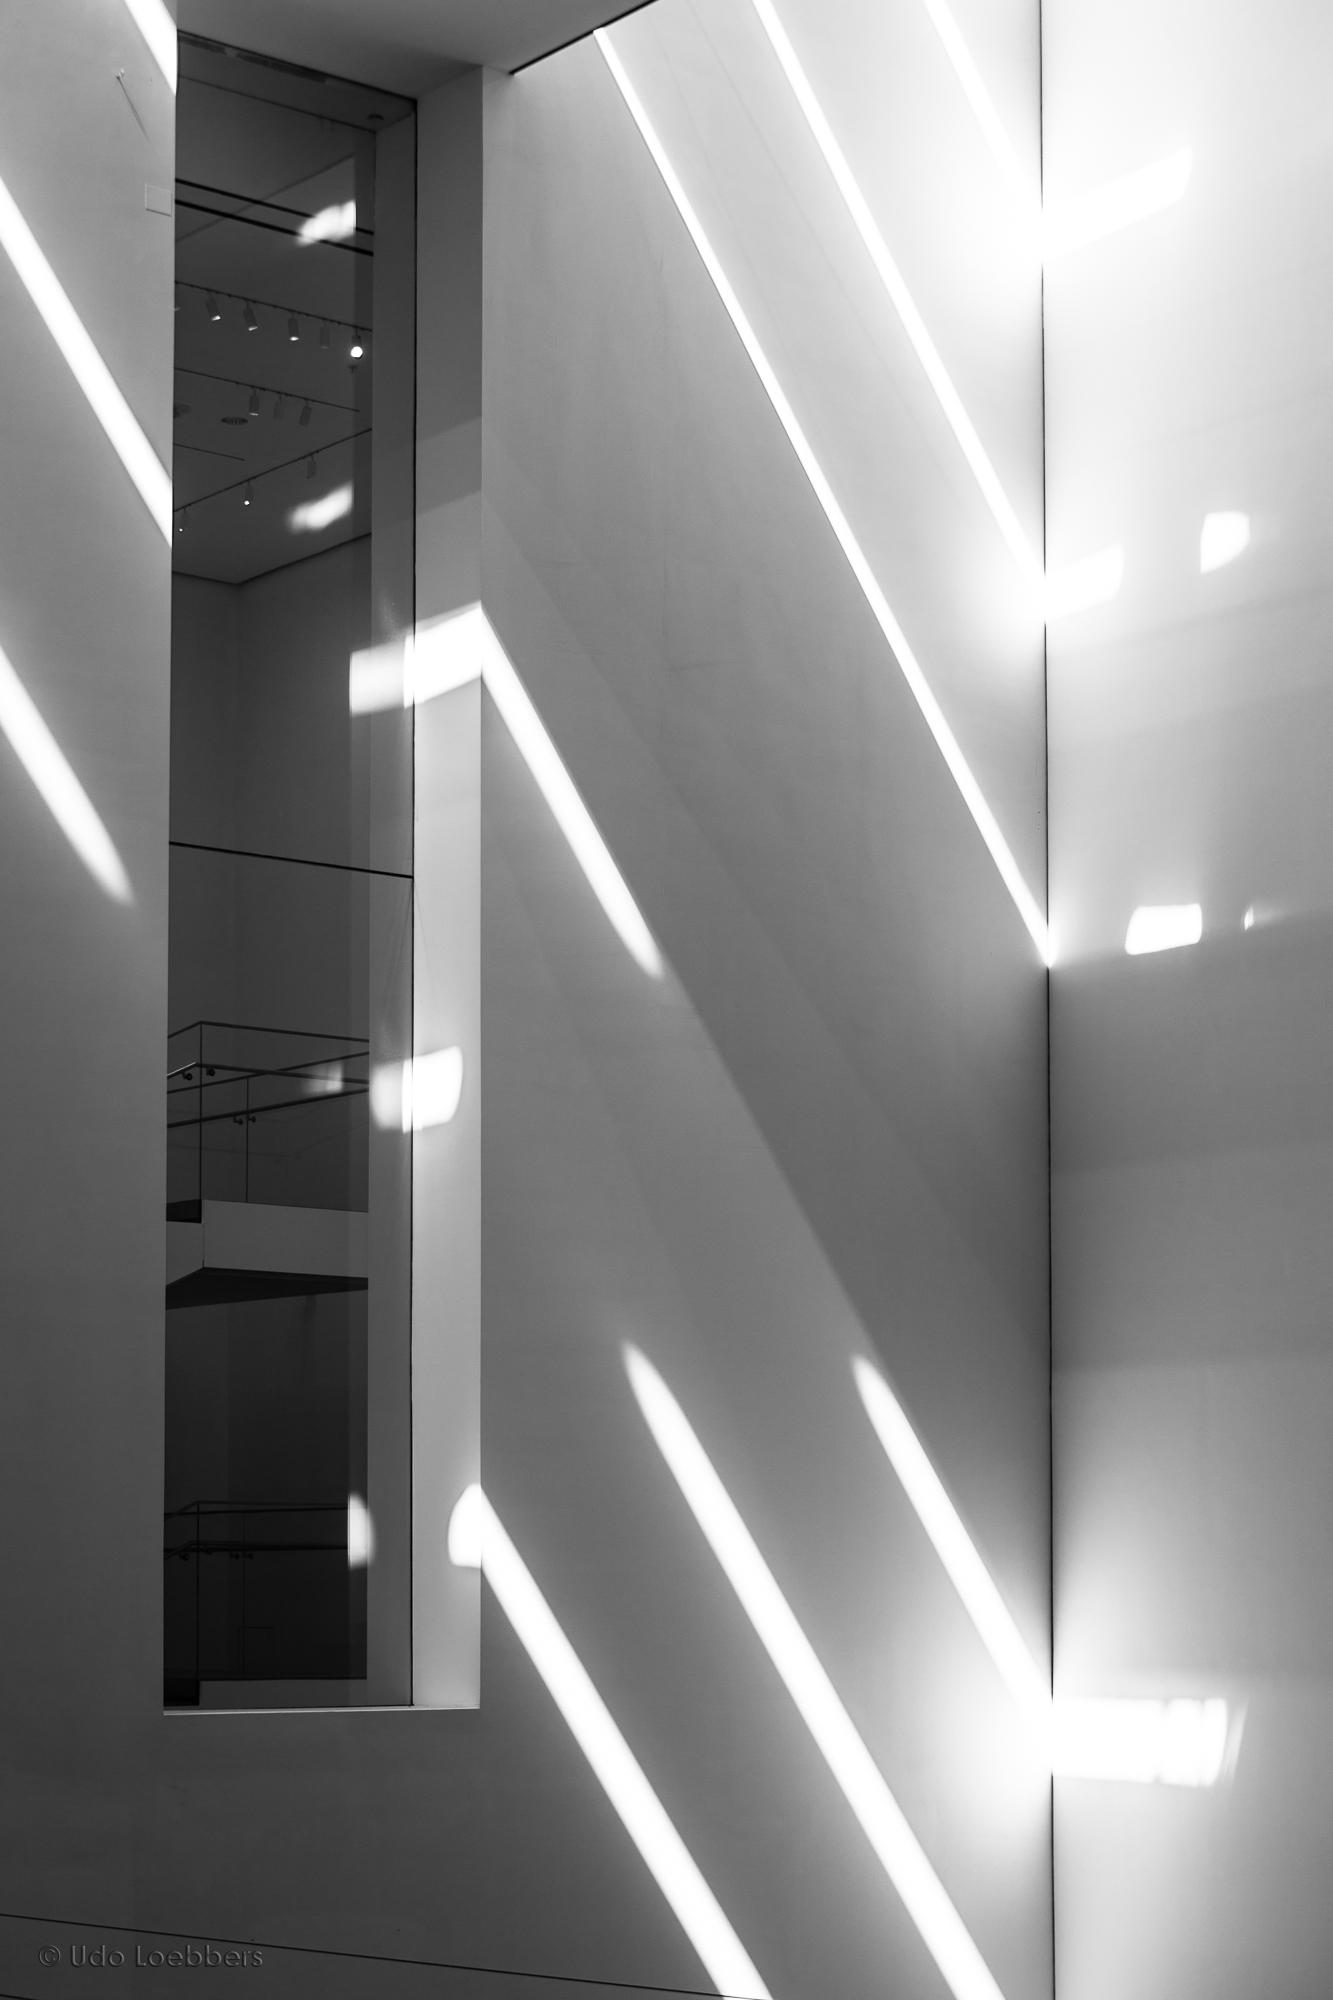 Modern Art made by Light